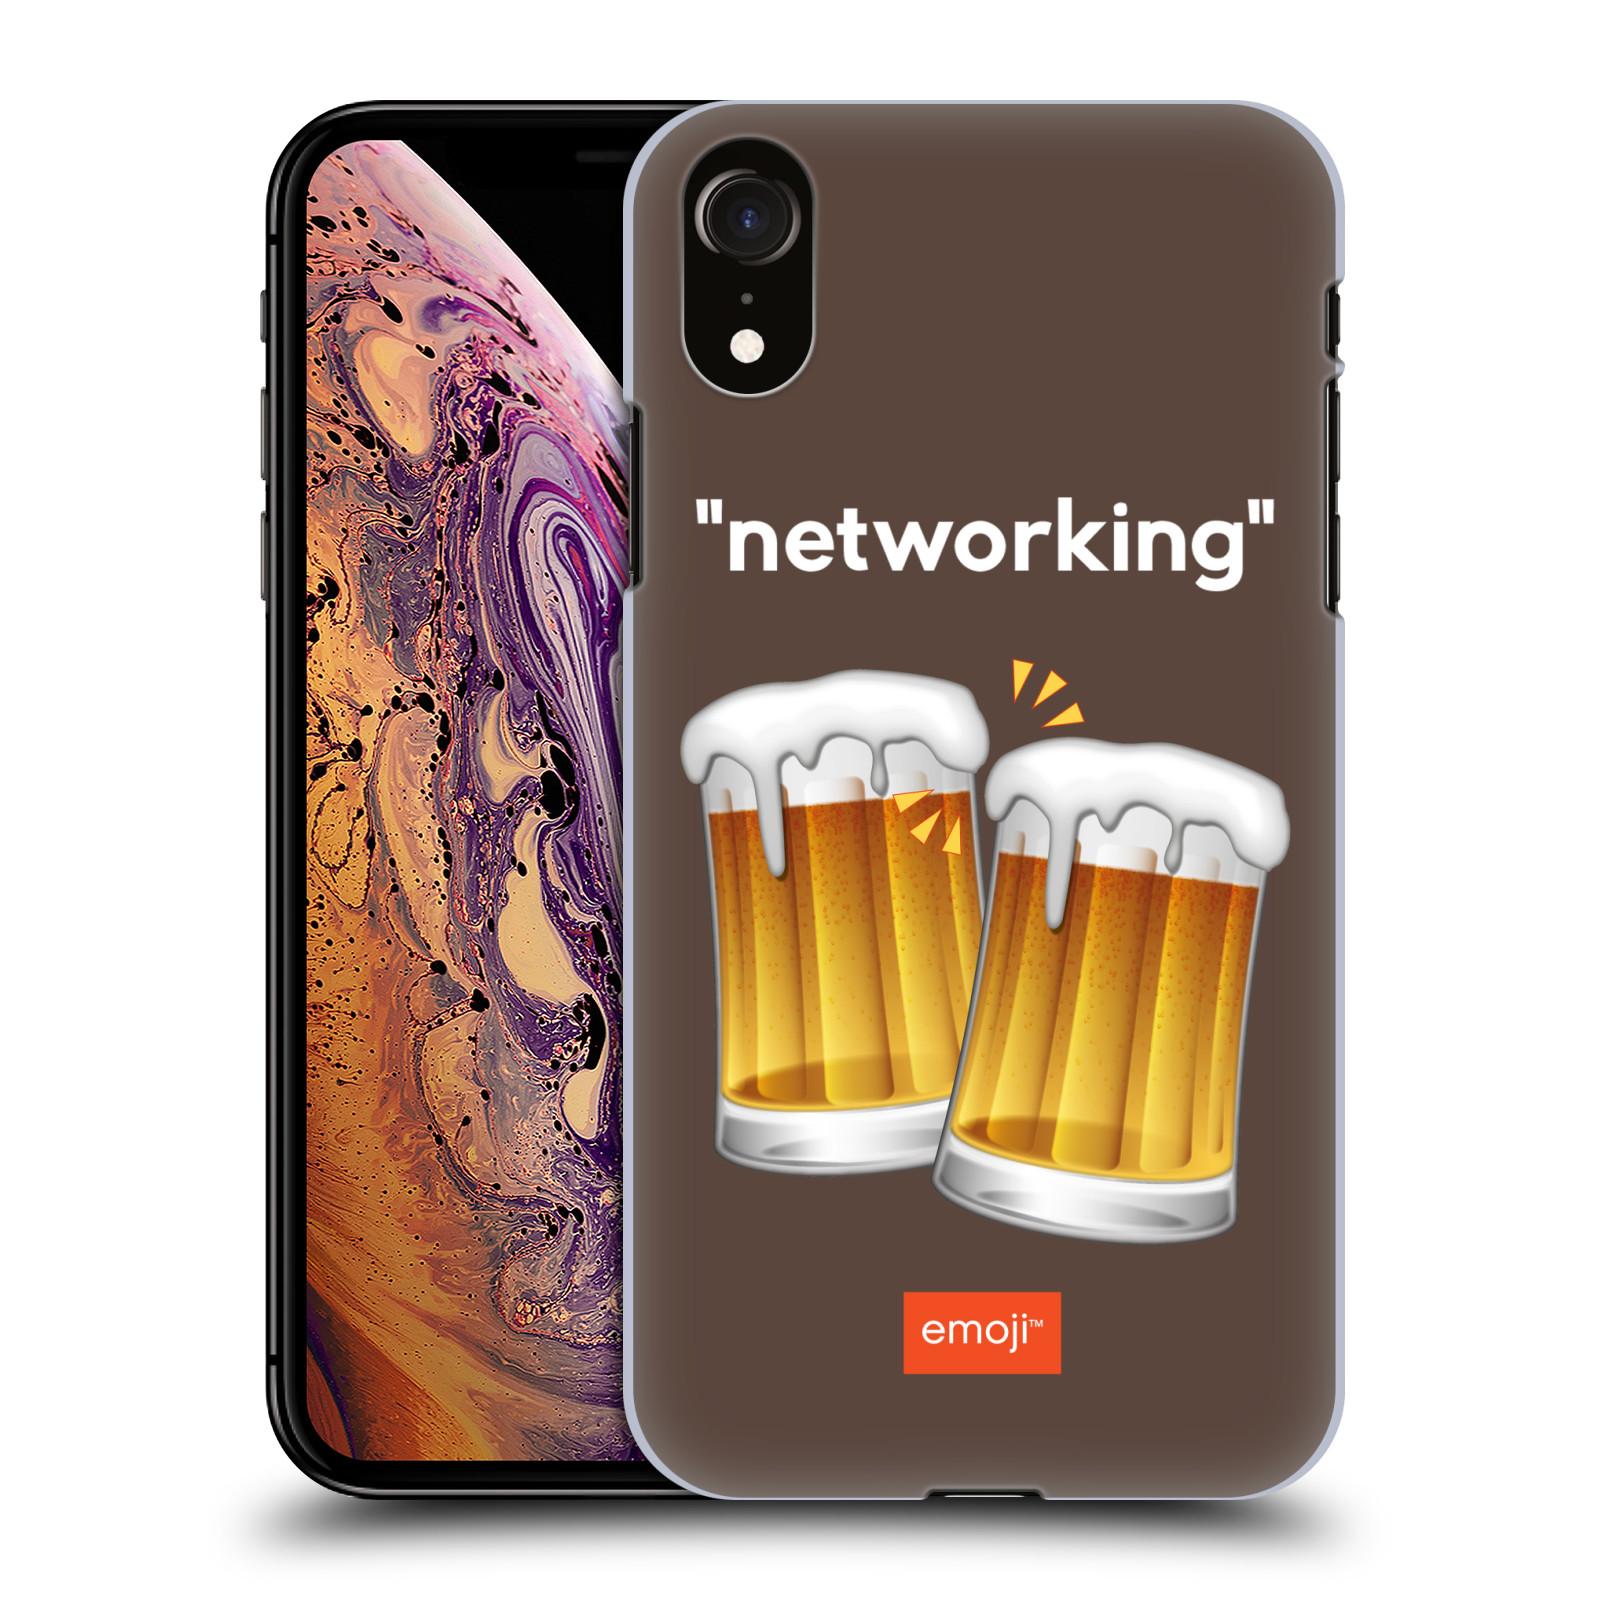 Plastové pouzdro na mobil Apple iPhone XR - Head Case - EMOJI - Pivní networking